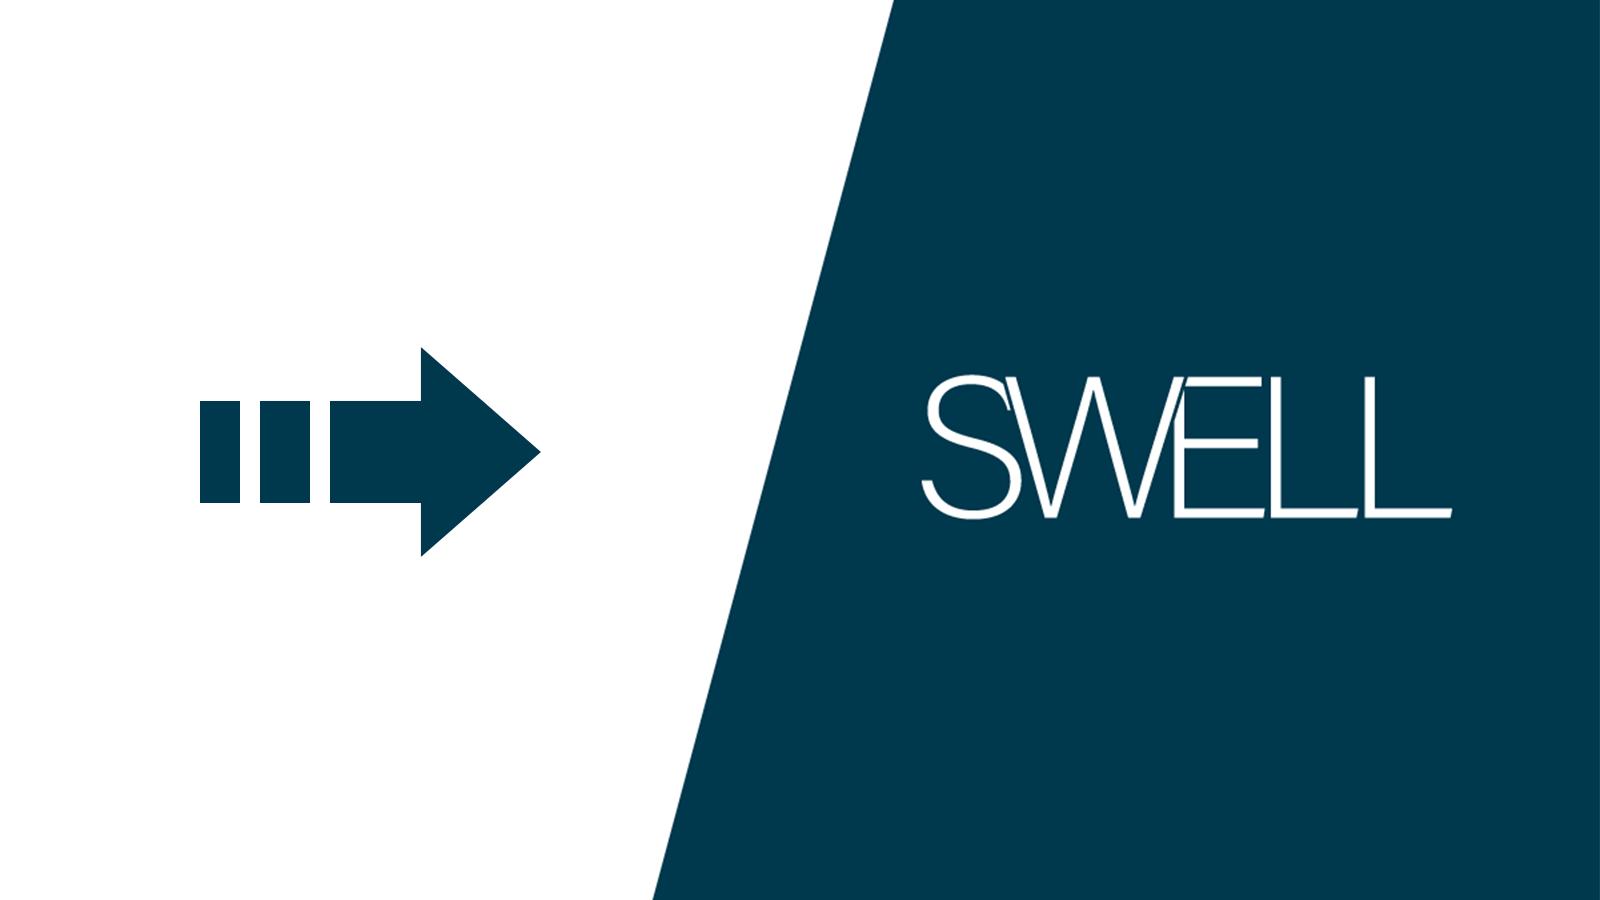 他テーマからSWELLへの「乗り換えサポートプラグイン」一覧 | WordPressテーマ SWELL